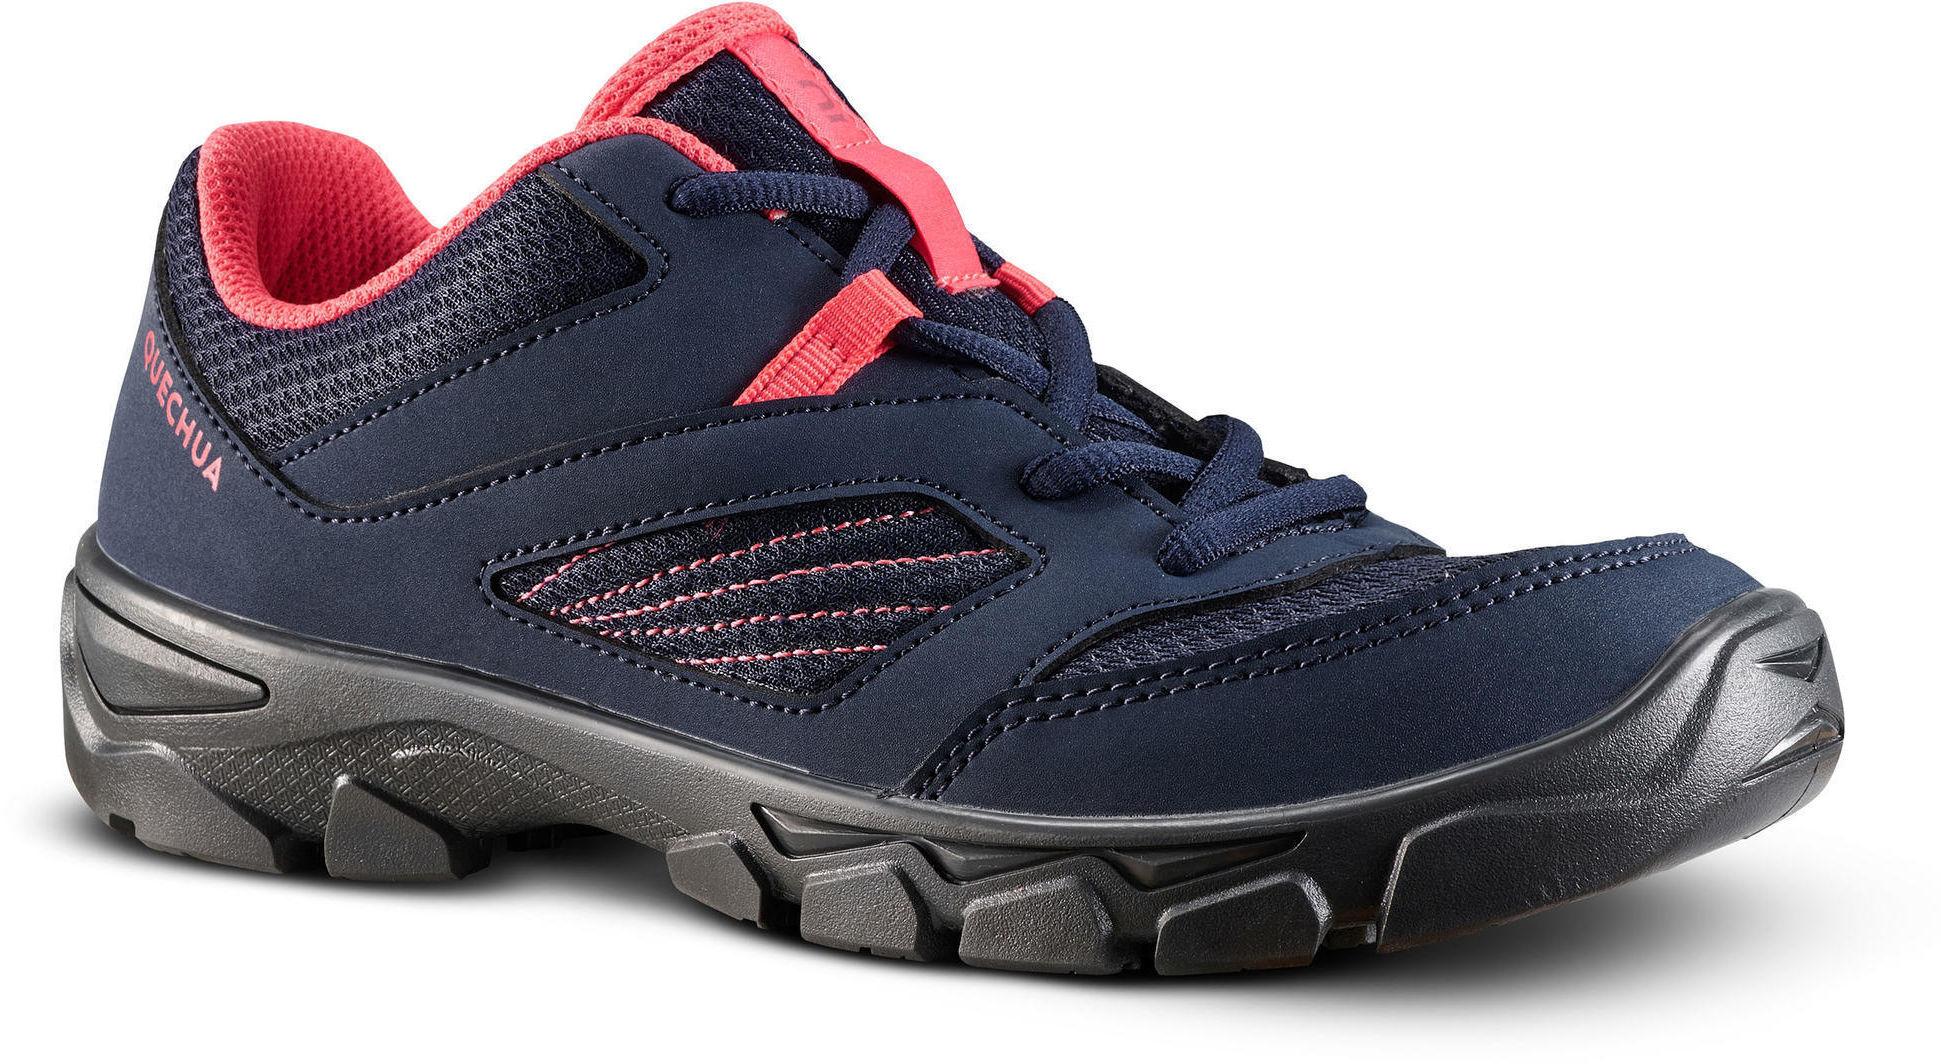 Buty turystyczne niskie - MH100 - dla dzieci